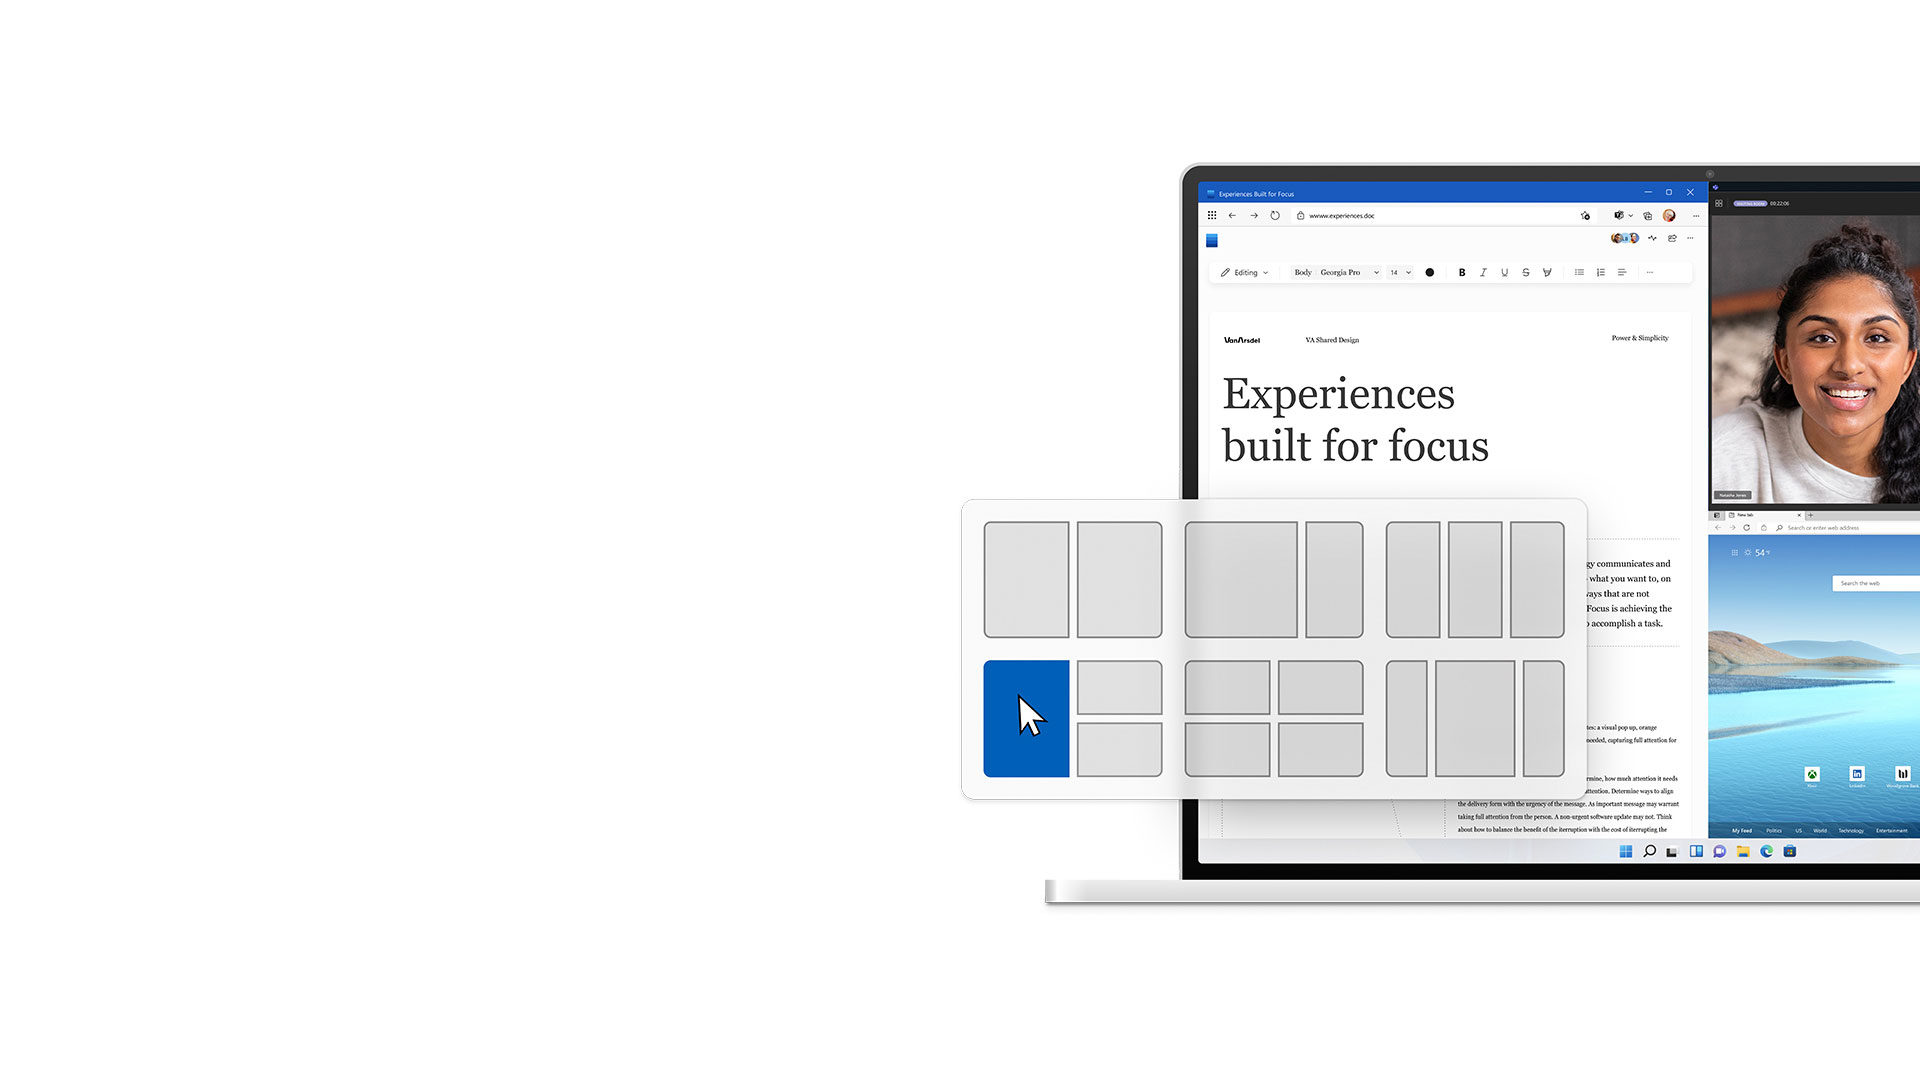 Windows 11 のスナップ機能が 1 つの画面に 3 つのアプリケーションを表示している